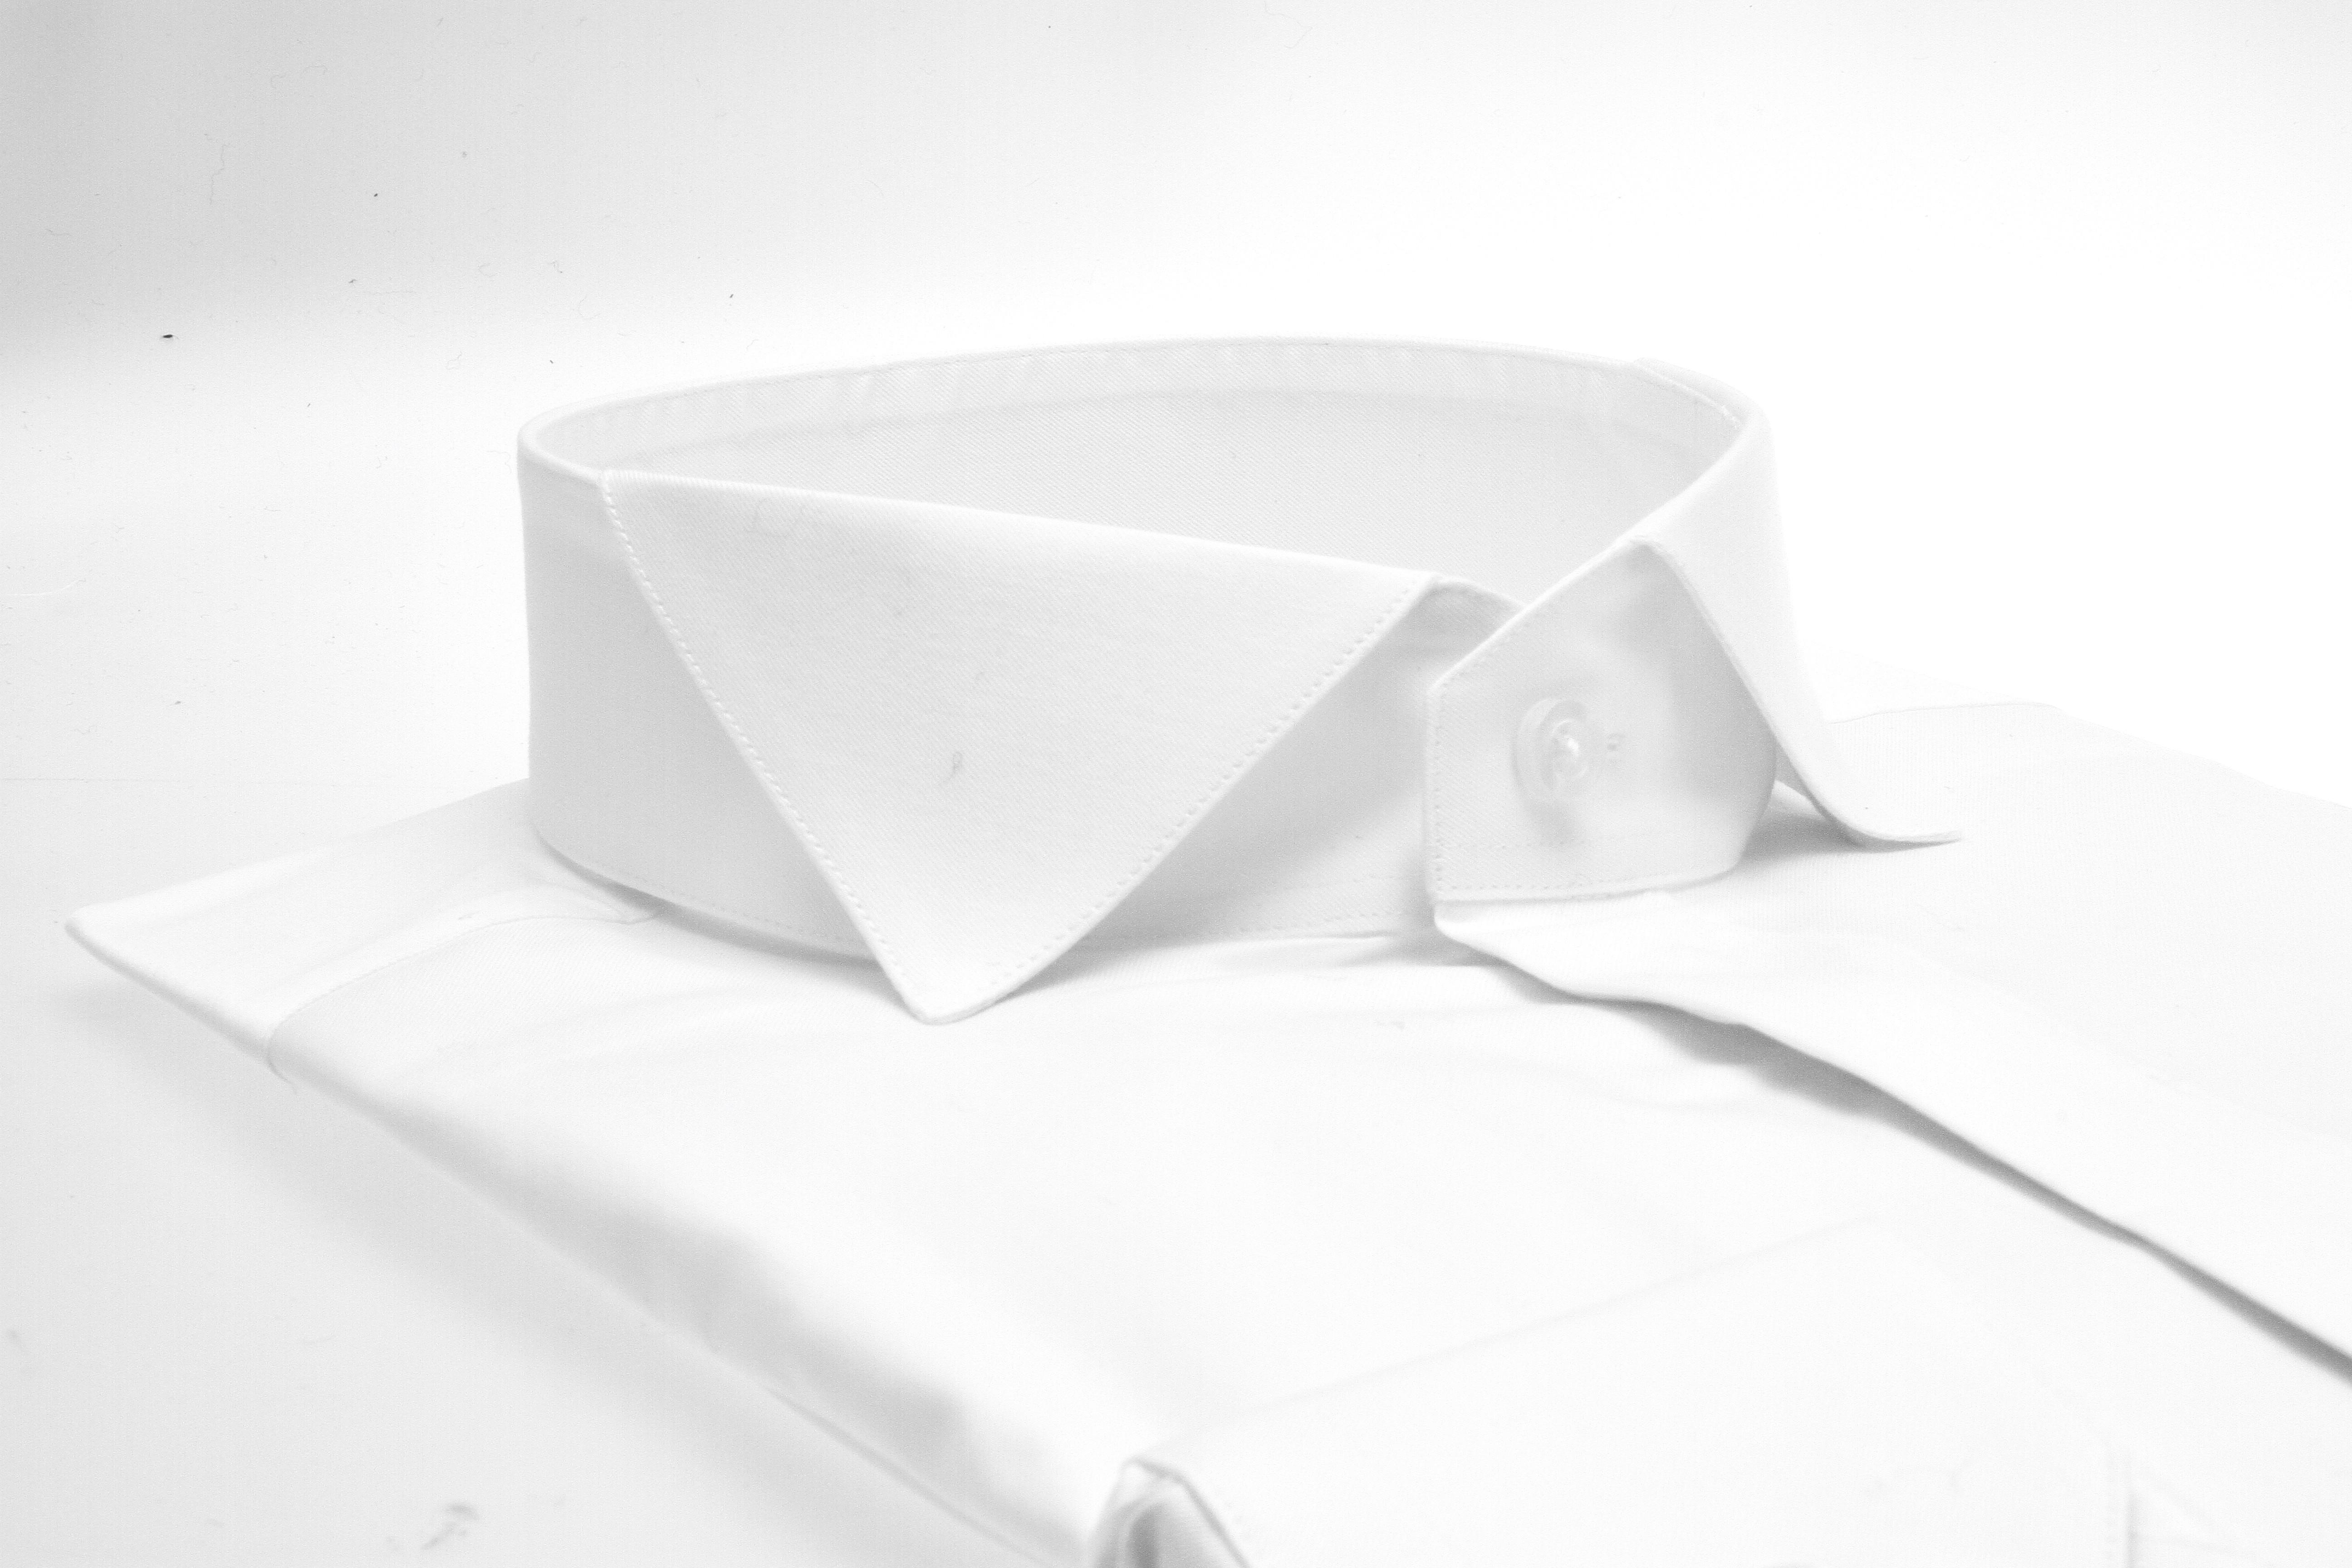 Chemise Reims : Blanche - Slim-Cut - Col Cassé (chemise)